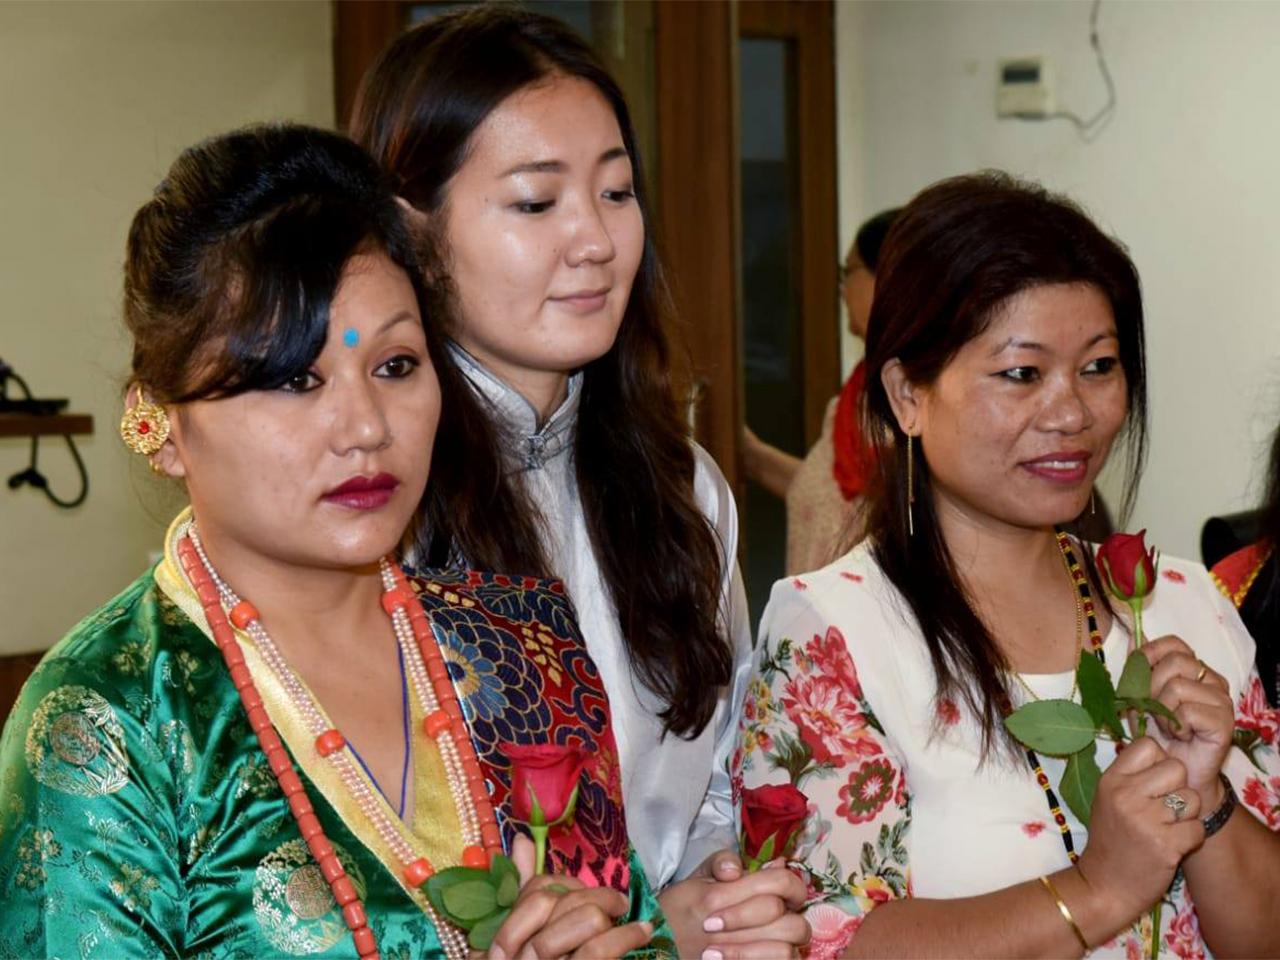 À l'occasion de la Journée internationale des femmes autochtones, nous reconnaissons leur travail dans la conservation des terres